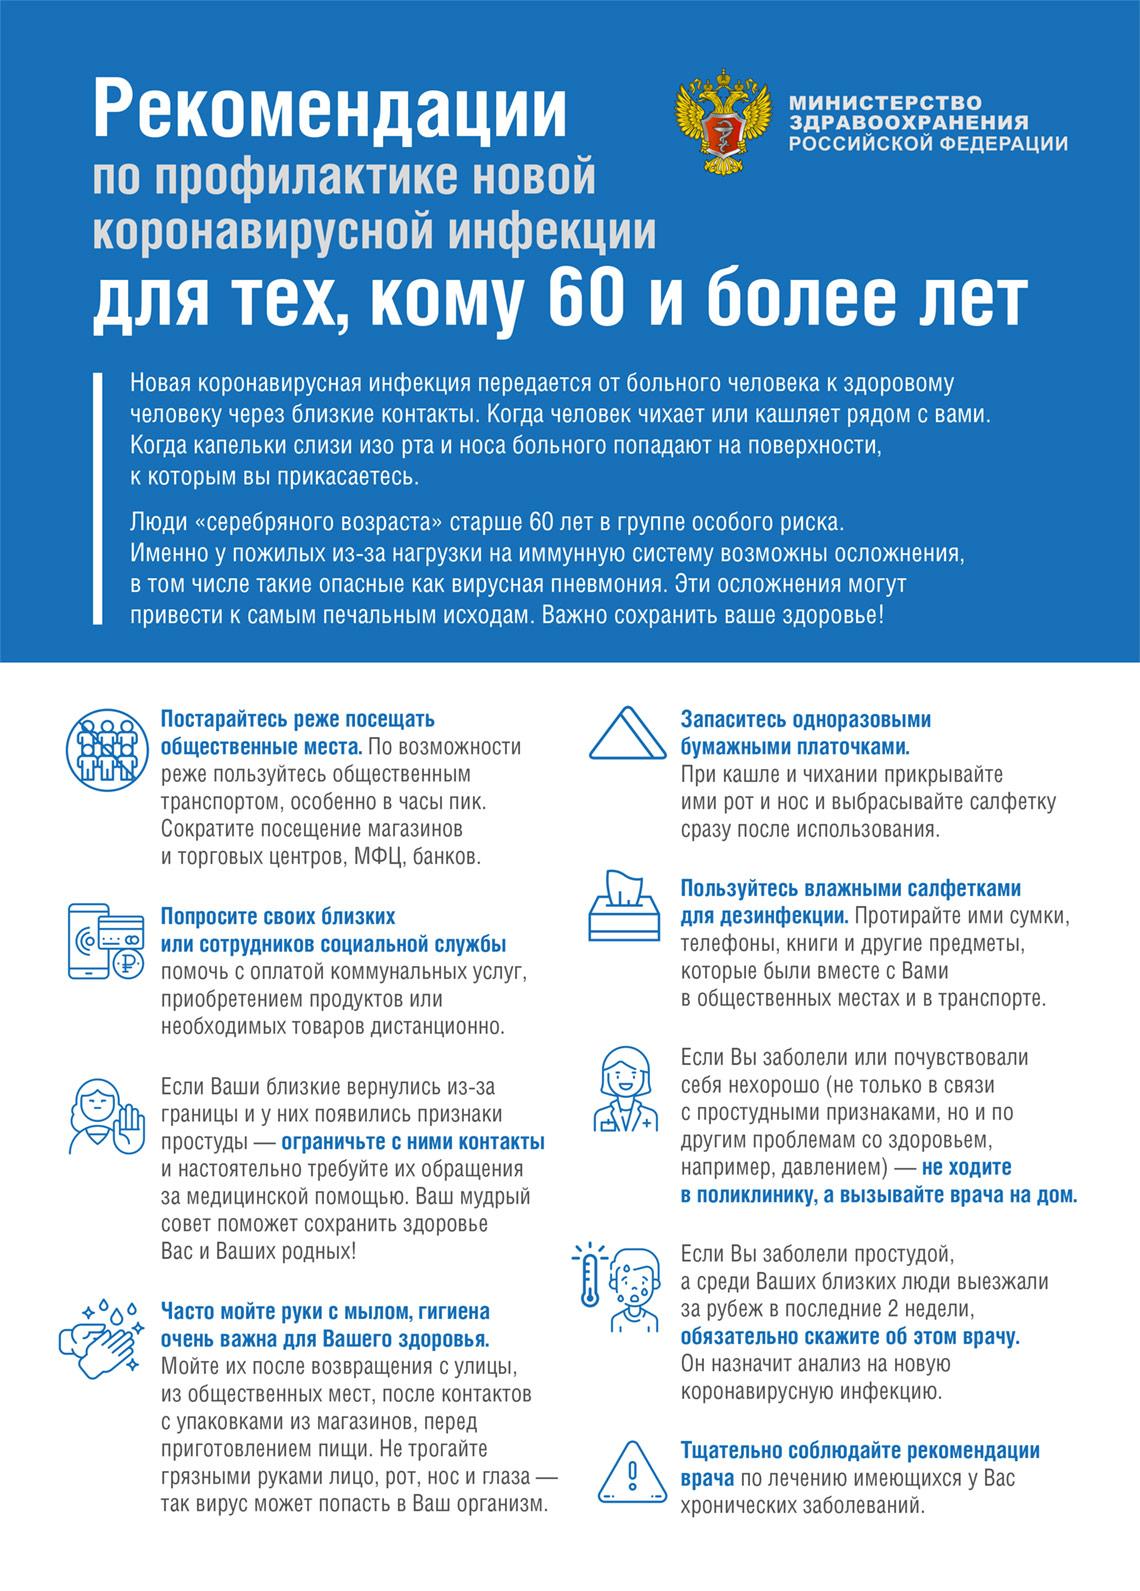 Профилактика кононовируса COVID-19 тем кому за 60 лет